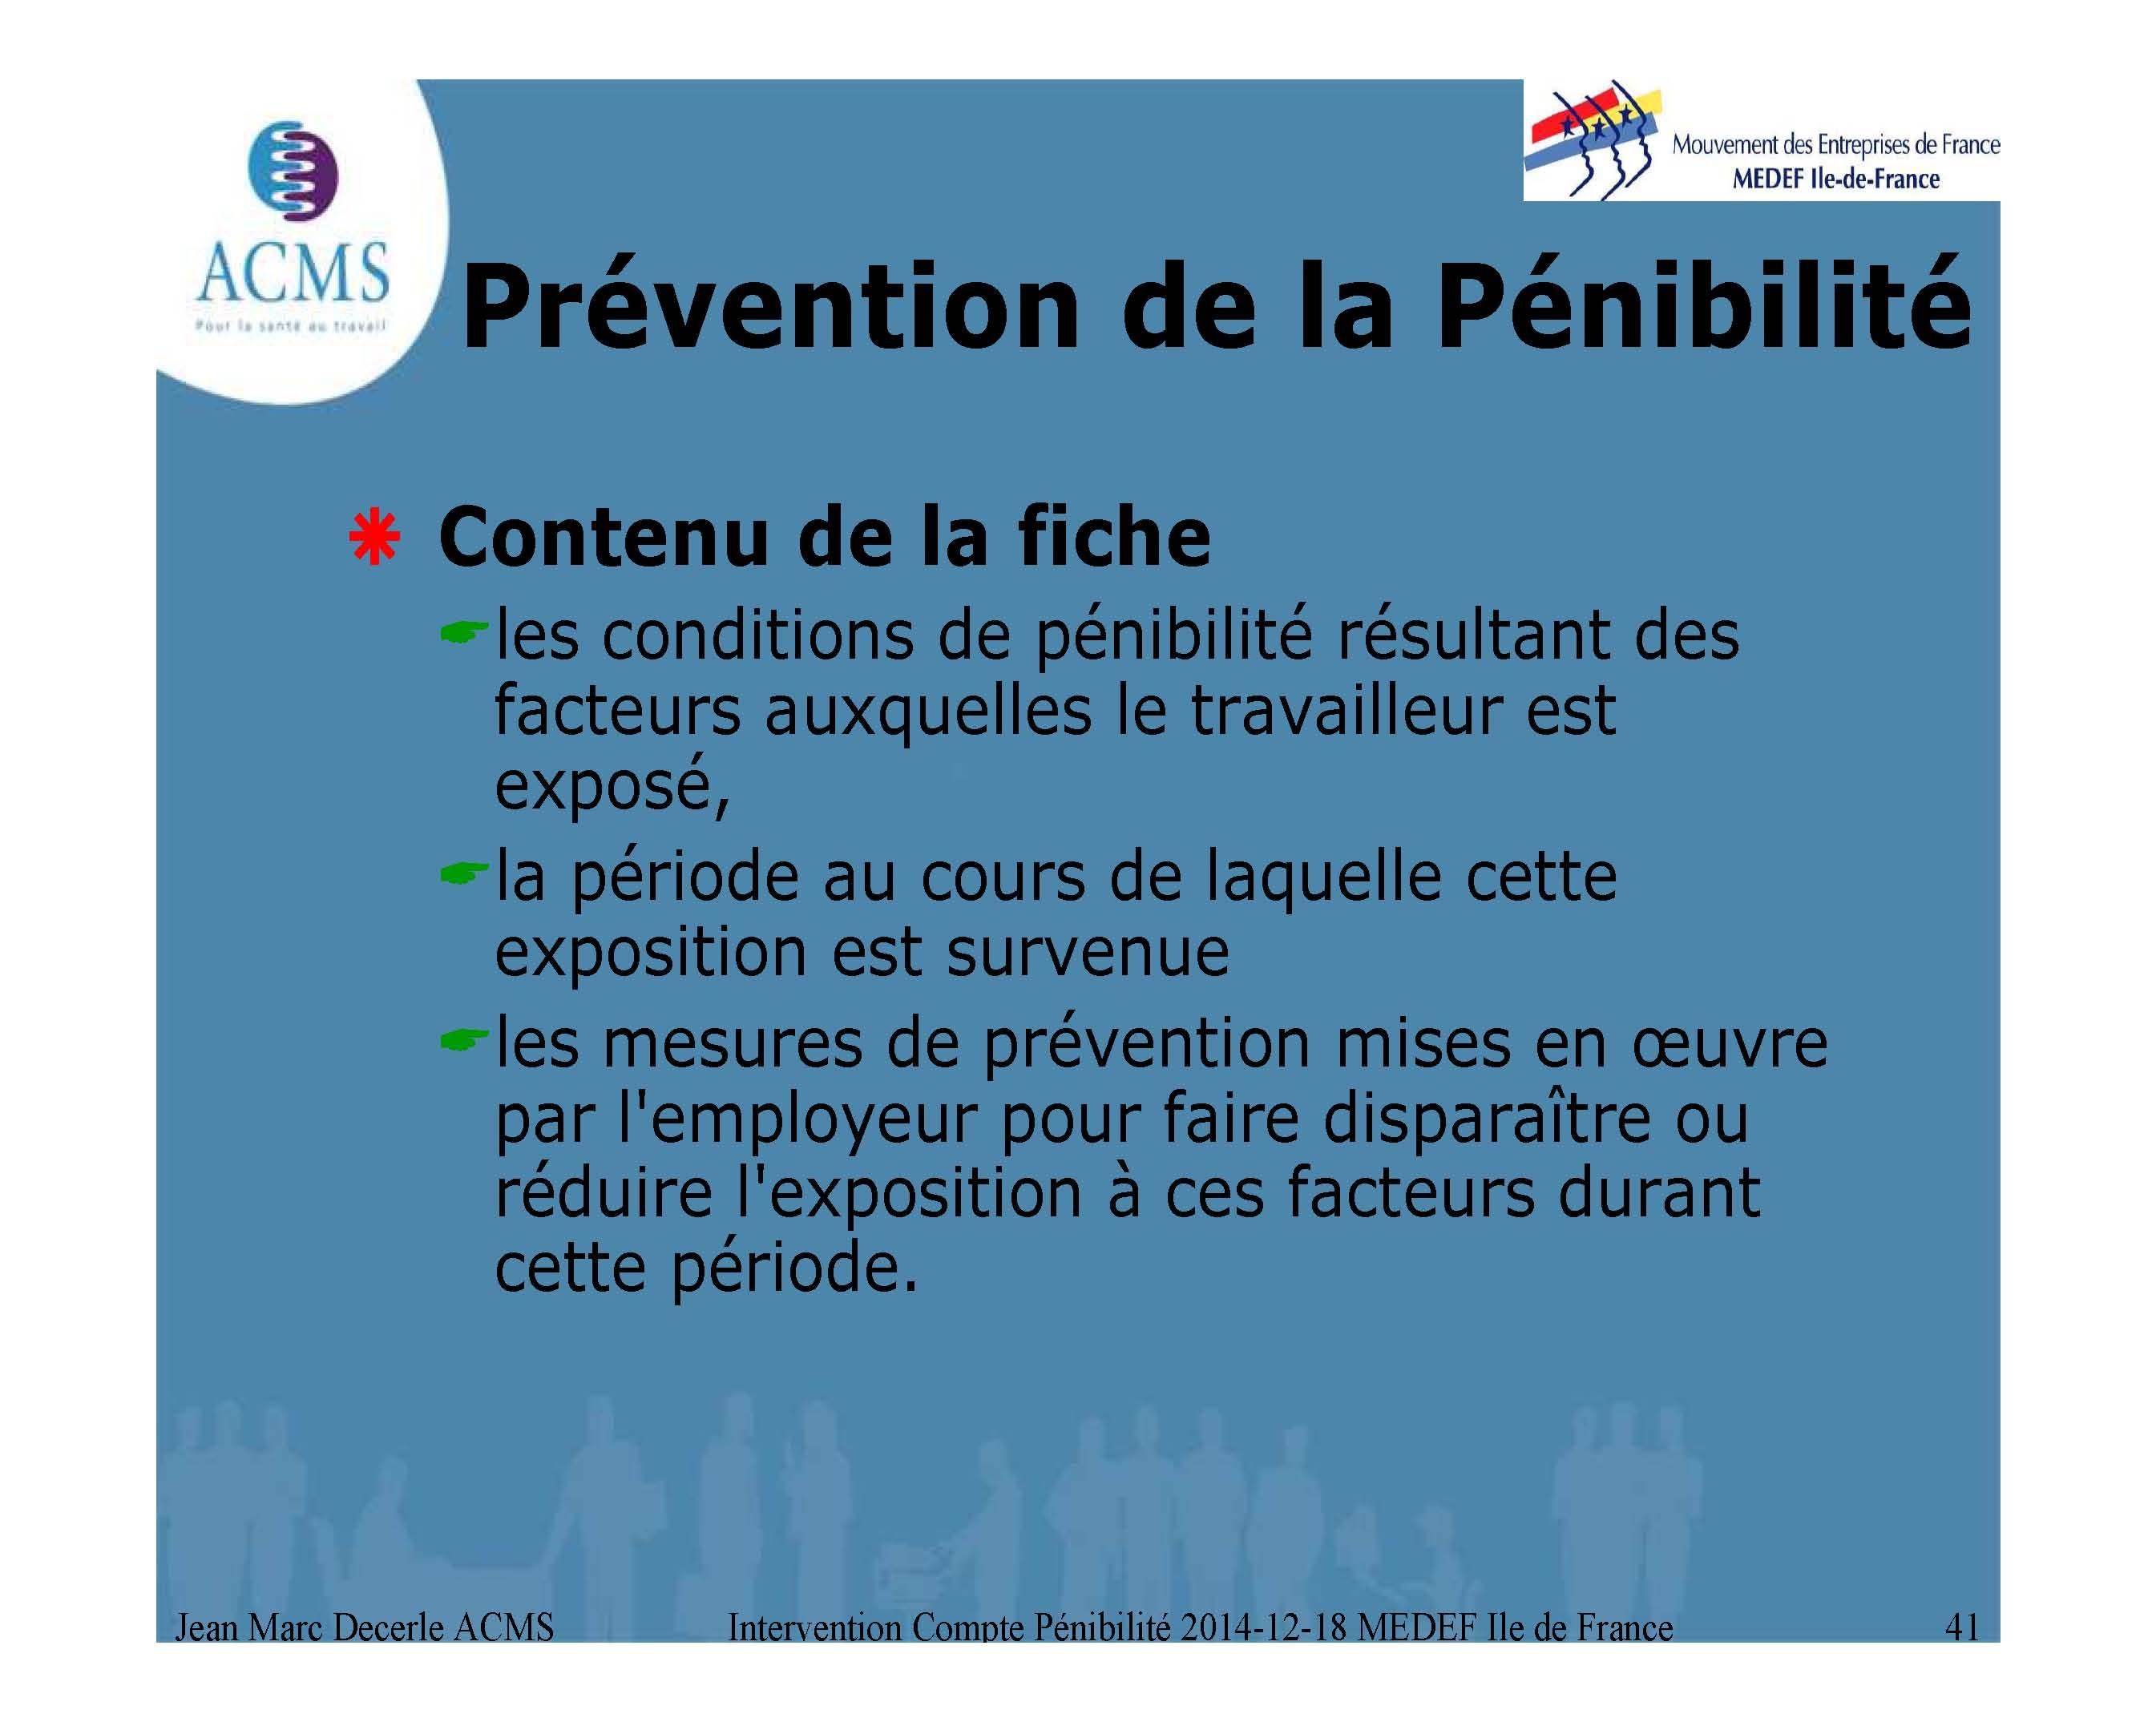 2014-12-18 Compte Pénibilite MEDEF Ile de France_Page_41